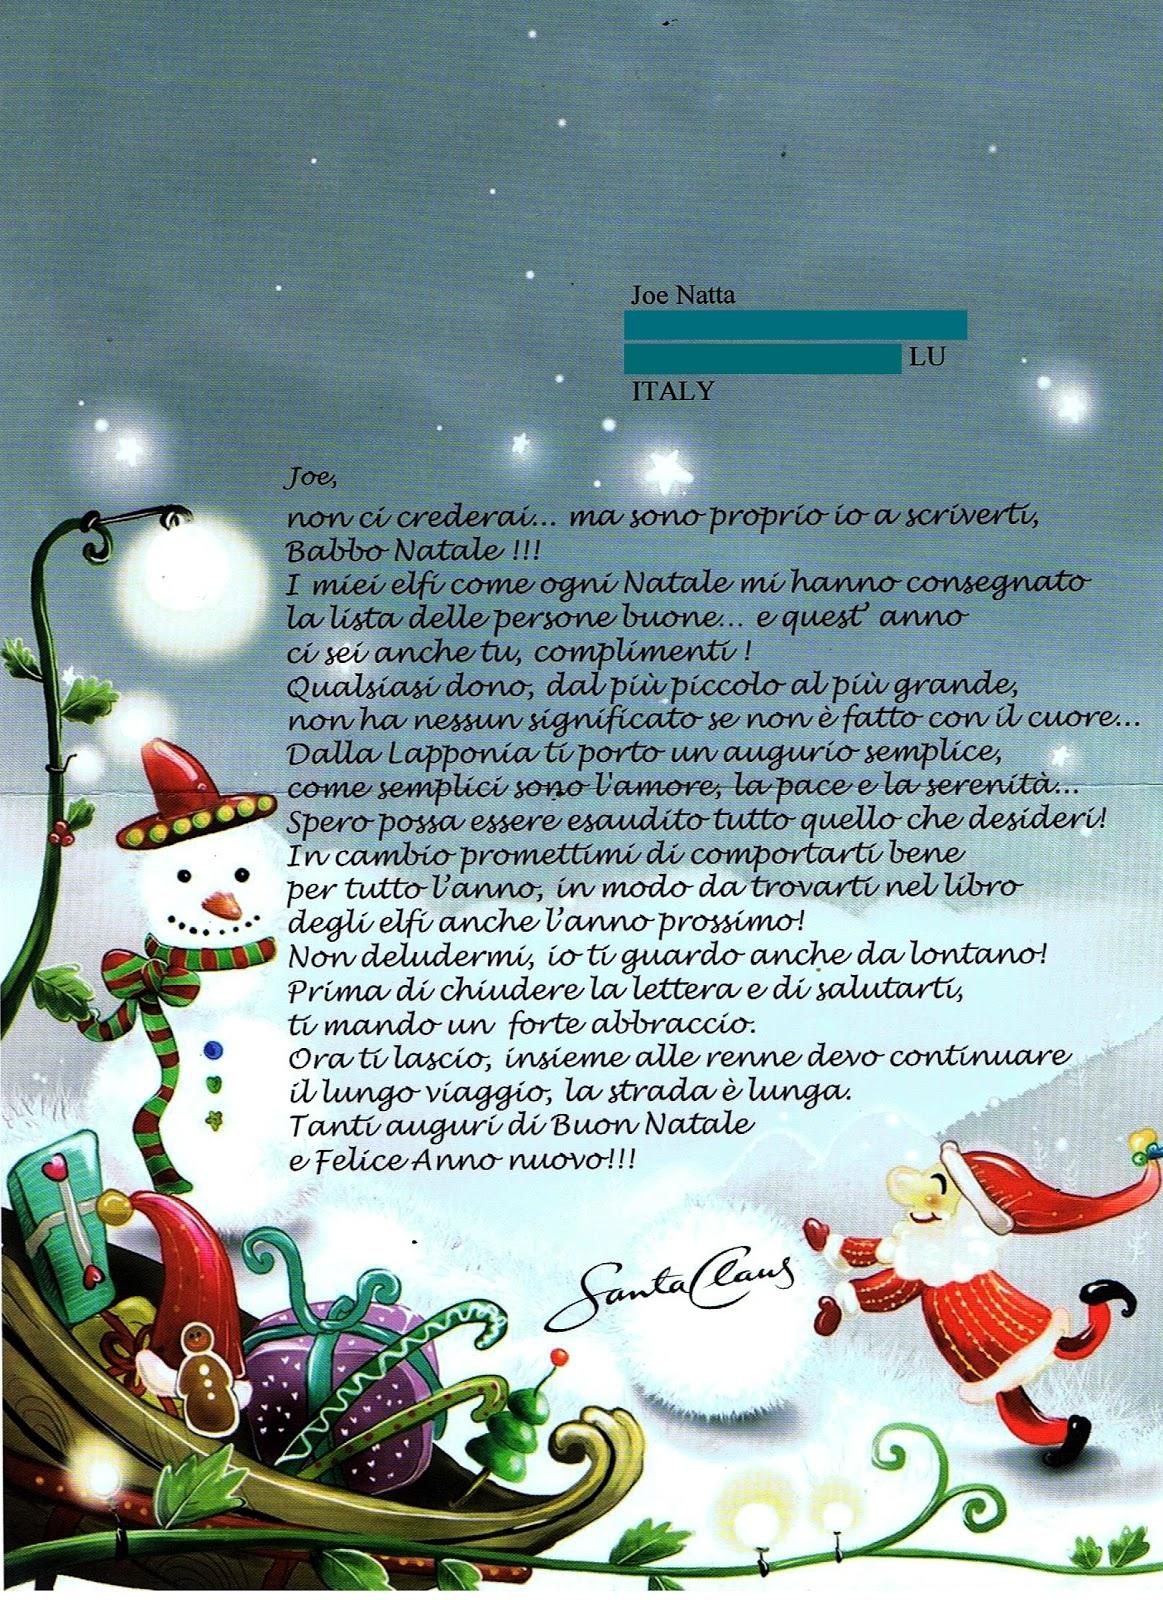 Lettera A Babbo Natale Divertente.Joe Natta Babbo Natale E L Ail Canzoni Pensieri E